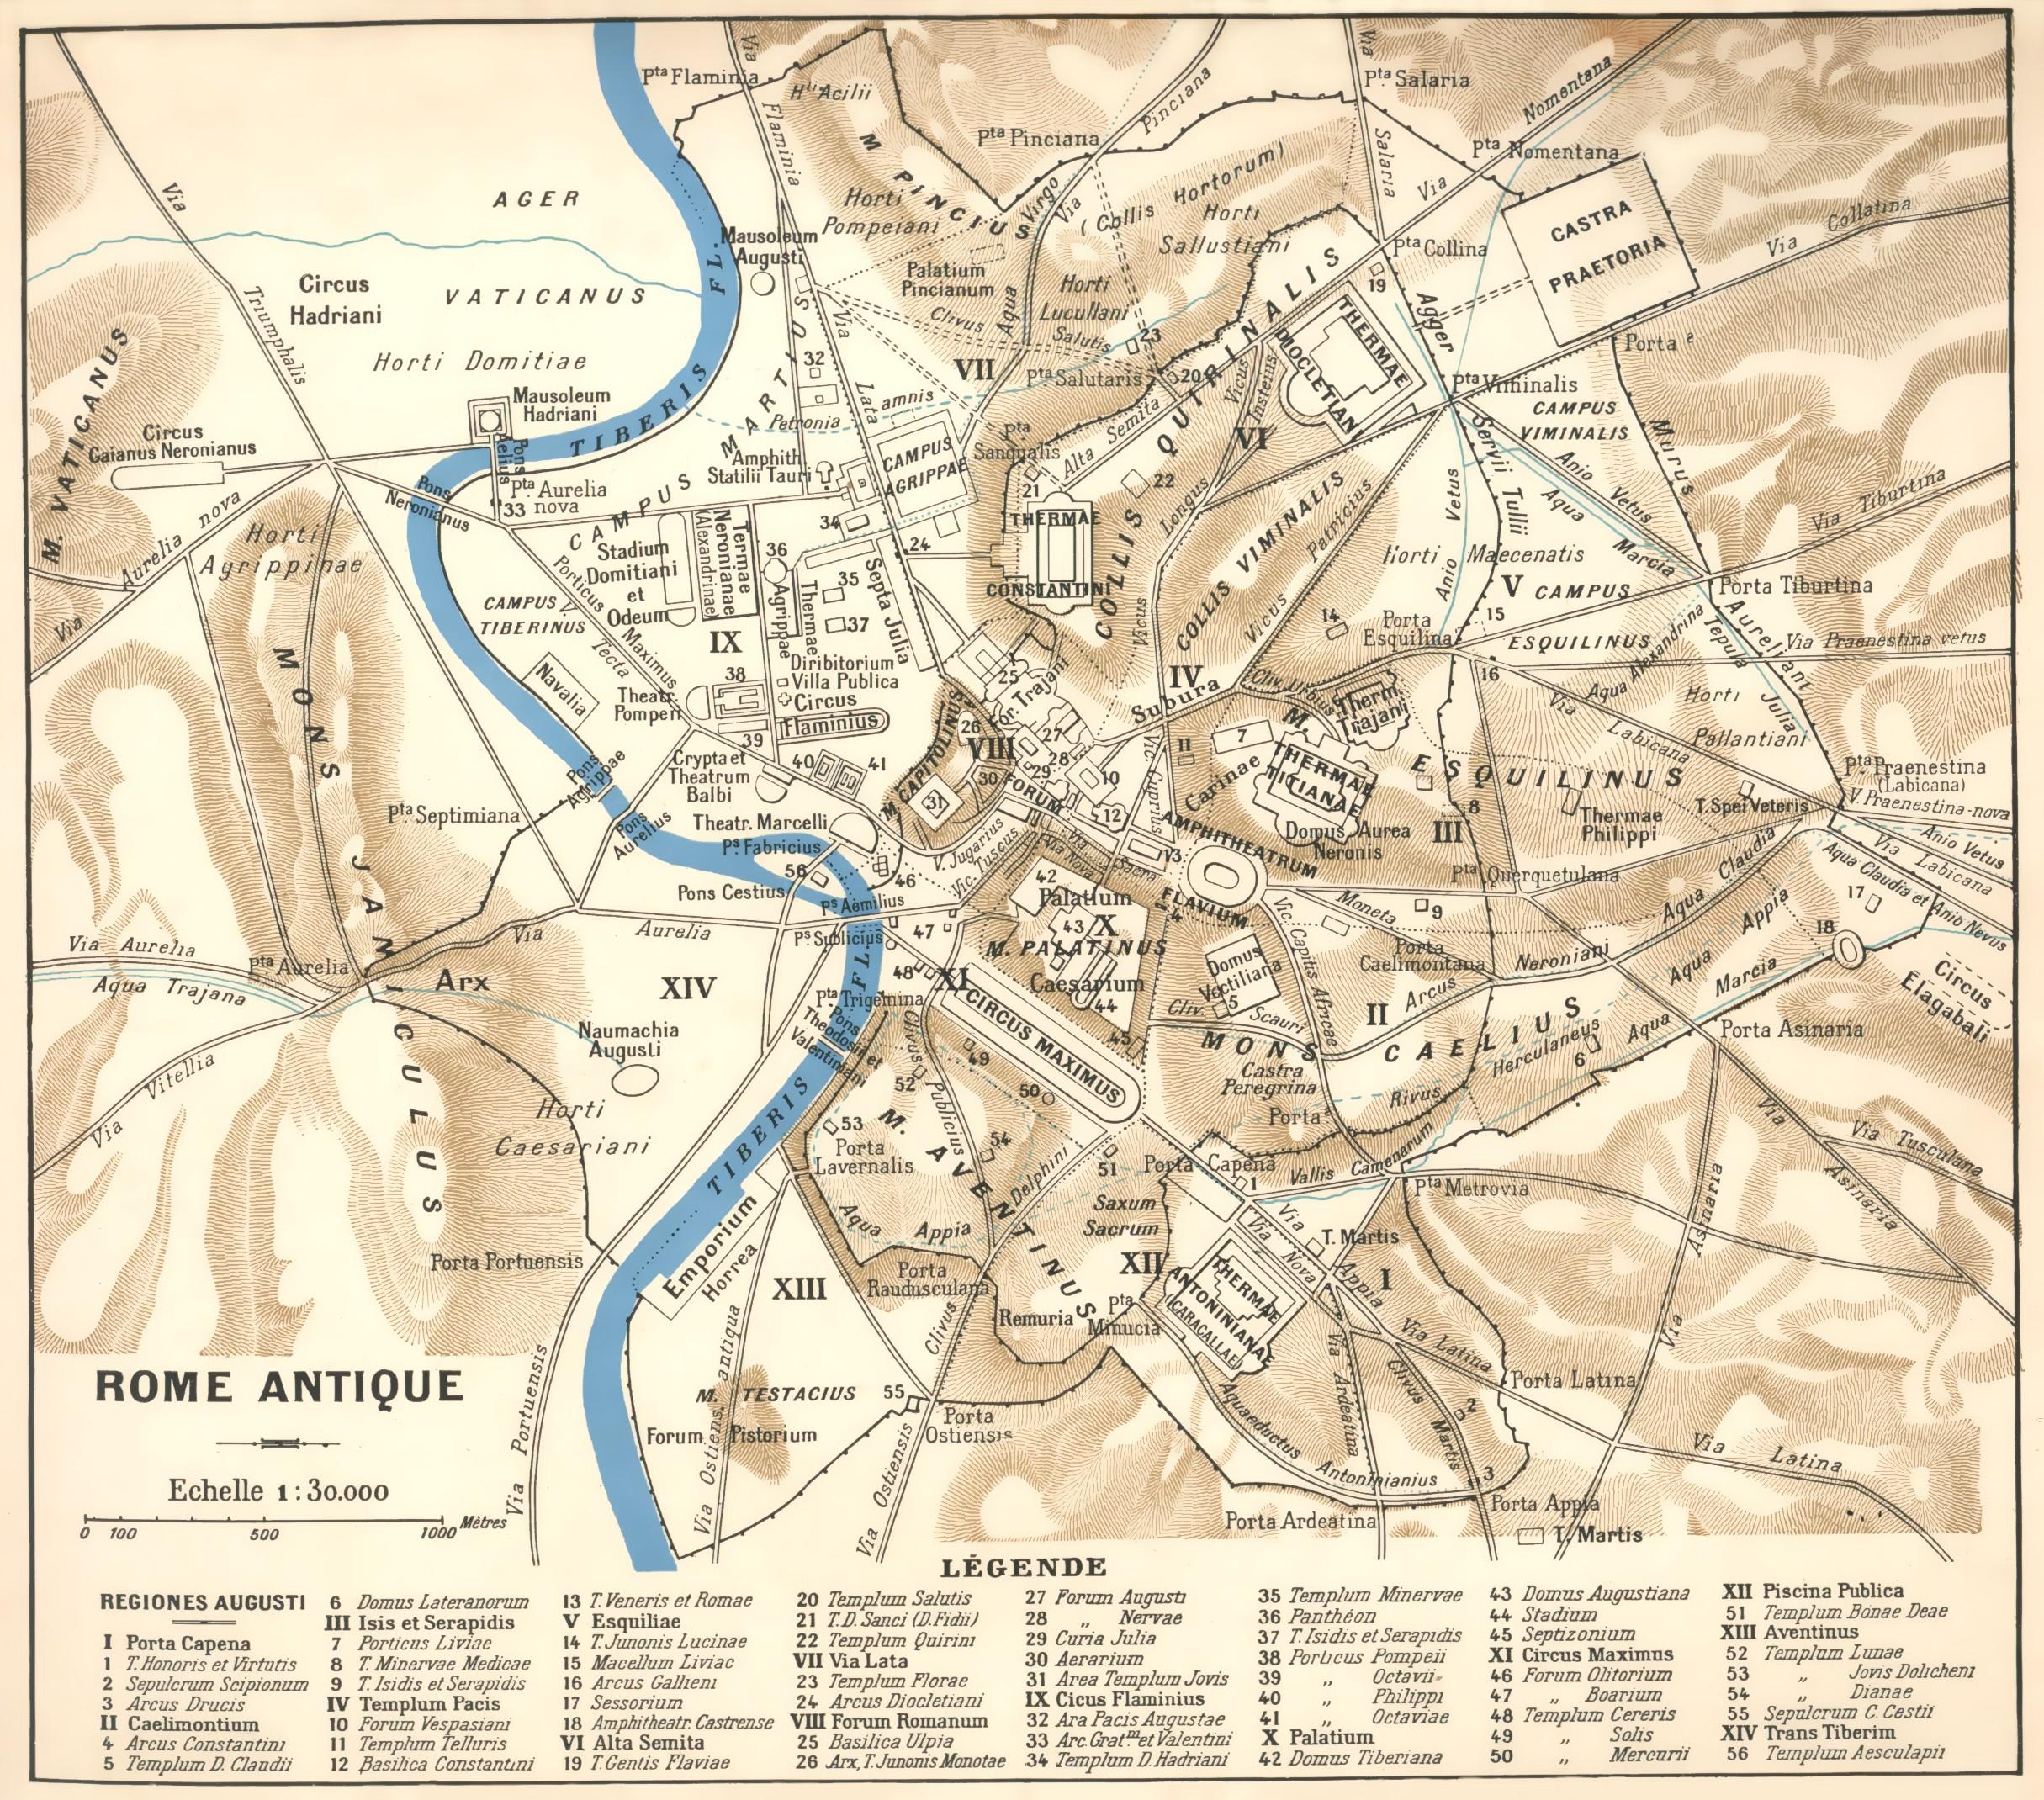 Carte de la ville de Rome au IVe siècleissu du Nouveau Larousse Illustré, XIXe siècle